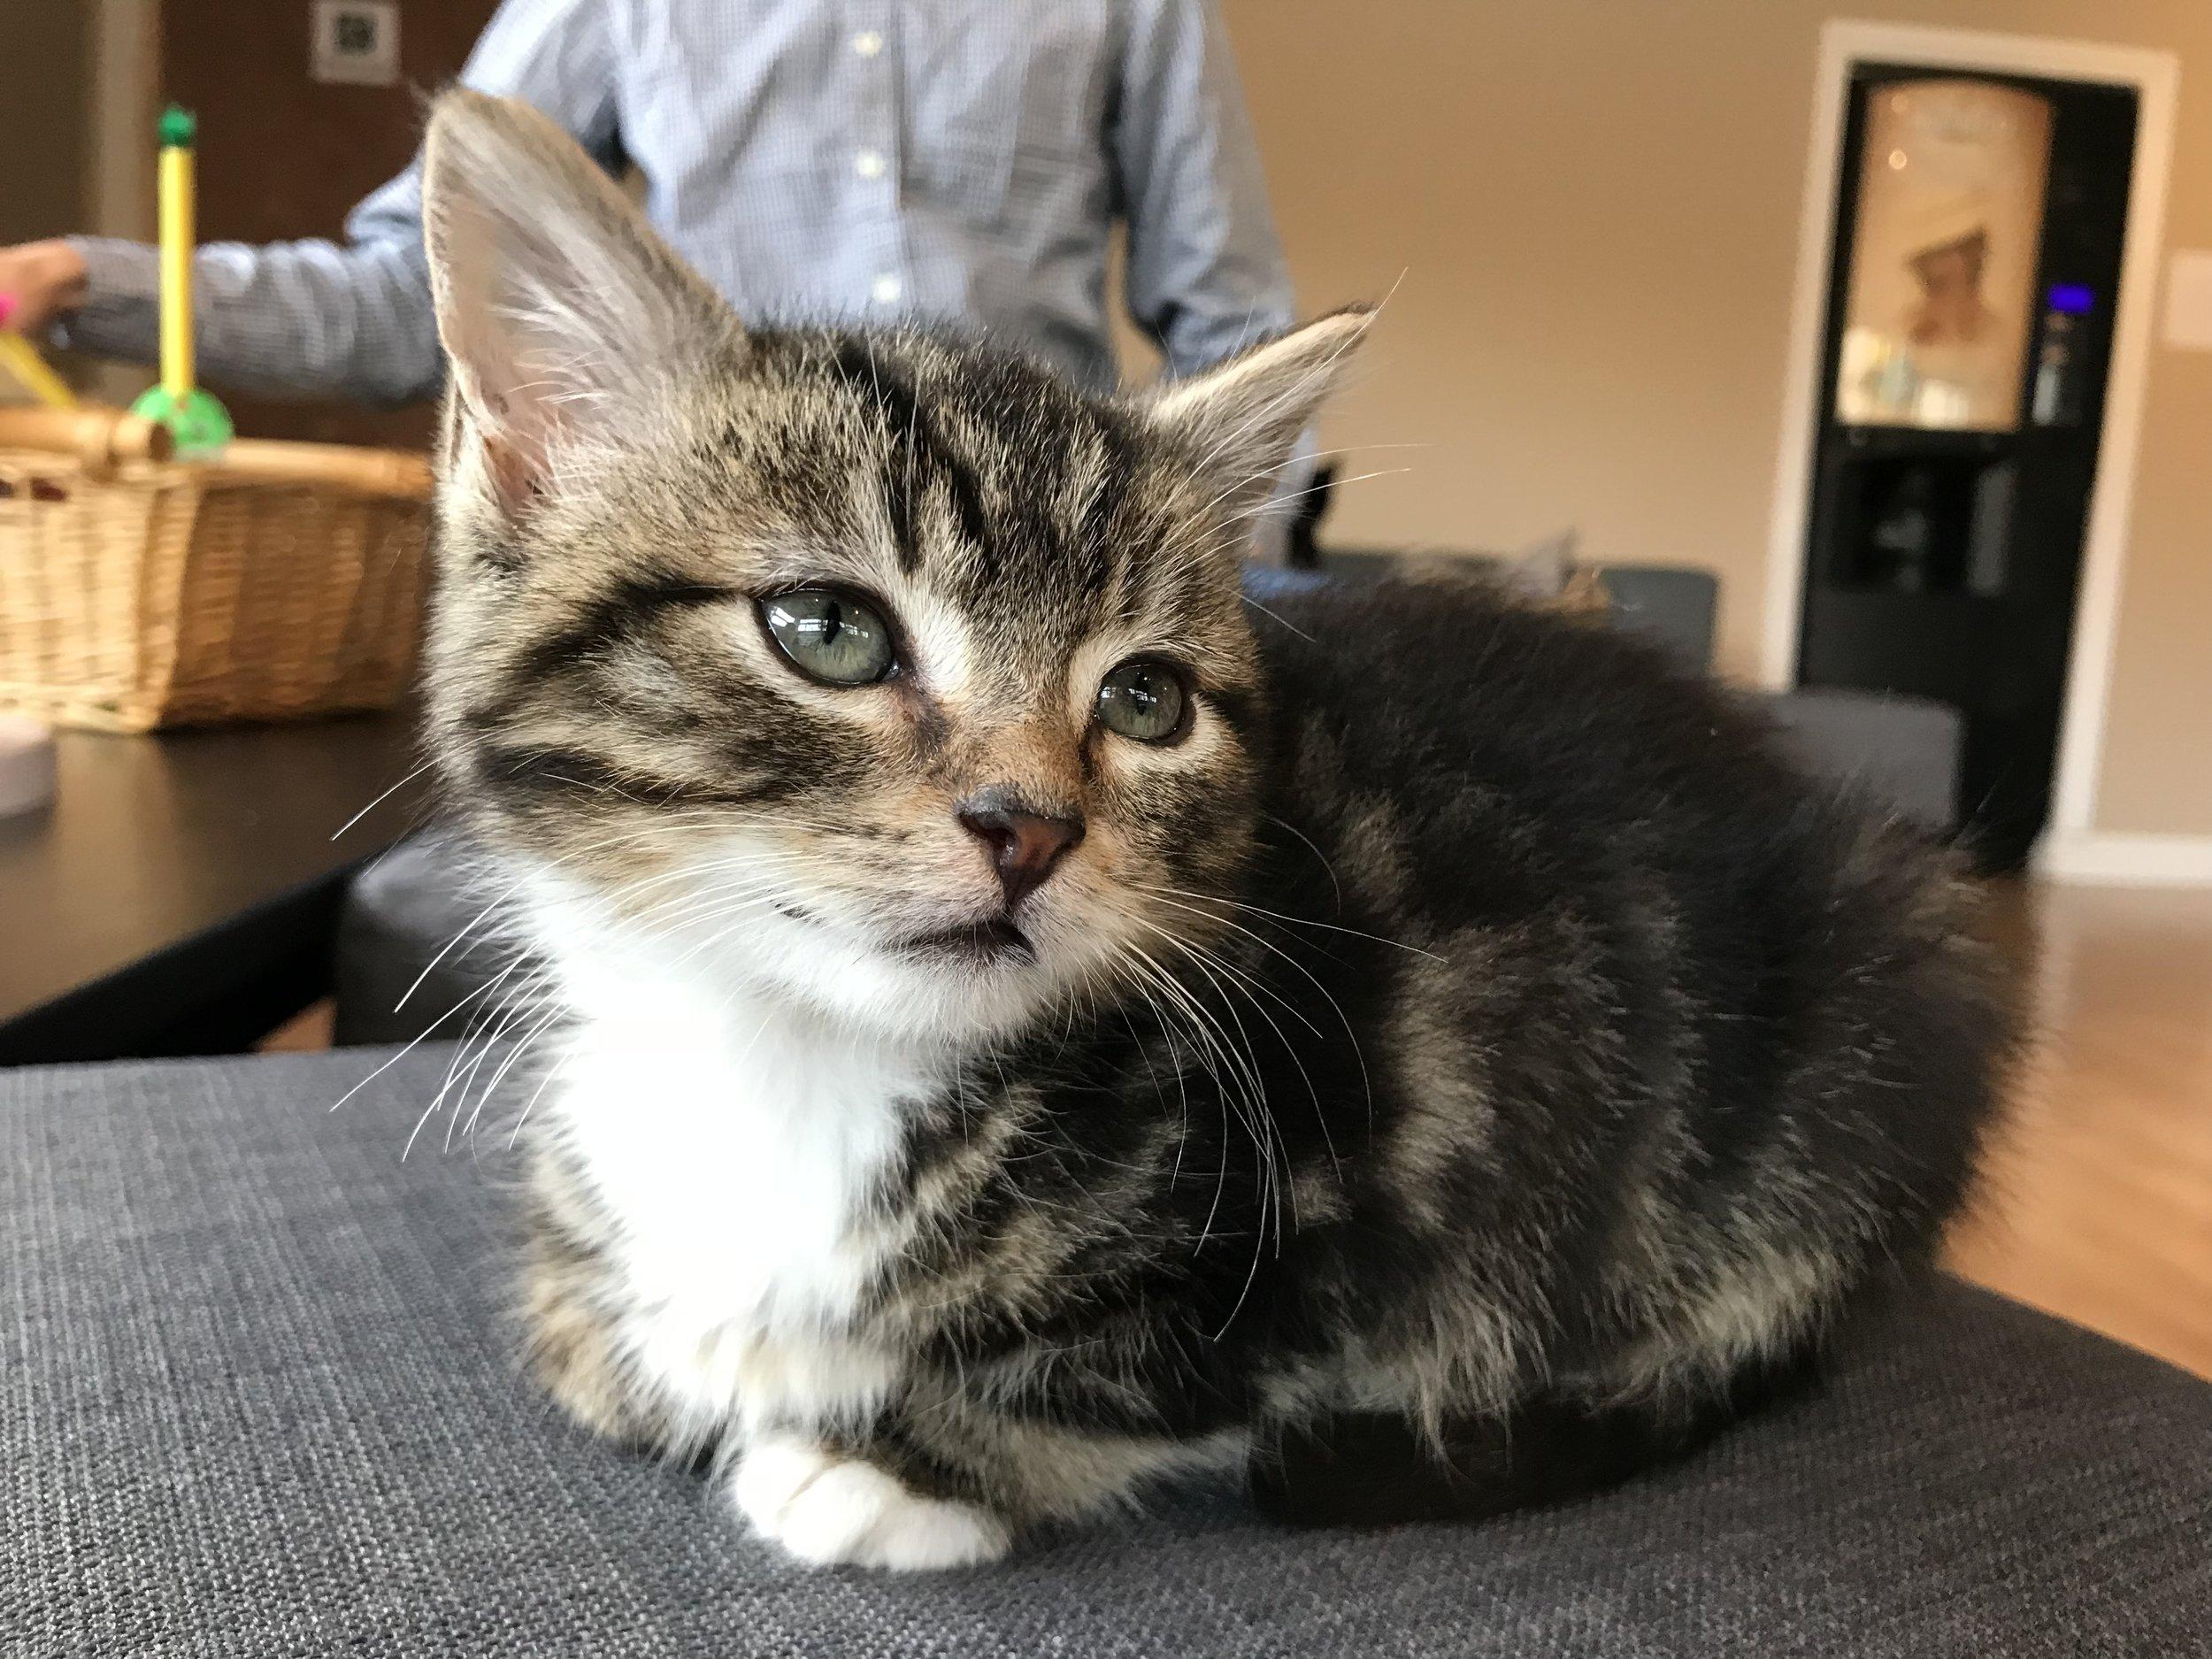 Cat_lounge_dublin-026.jpg